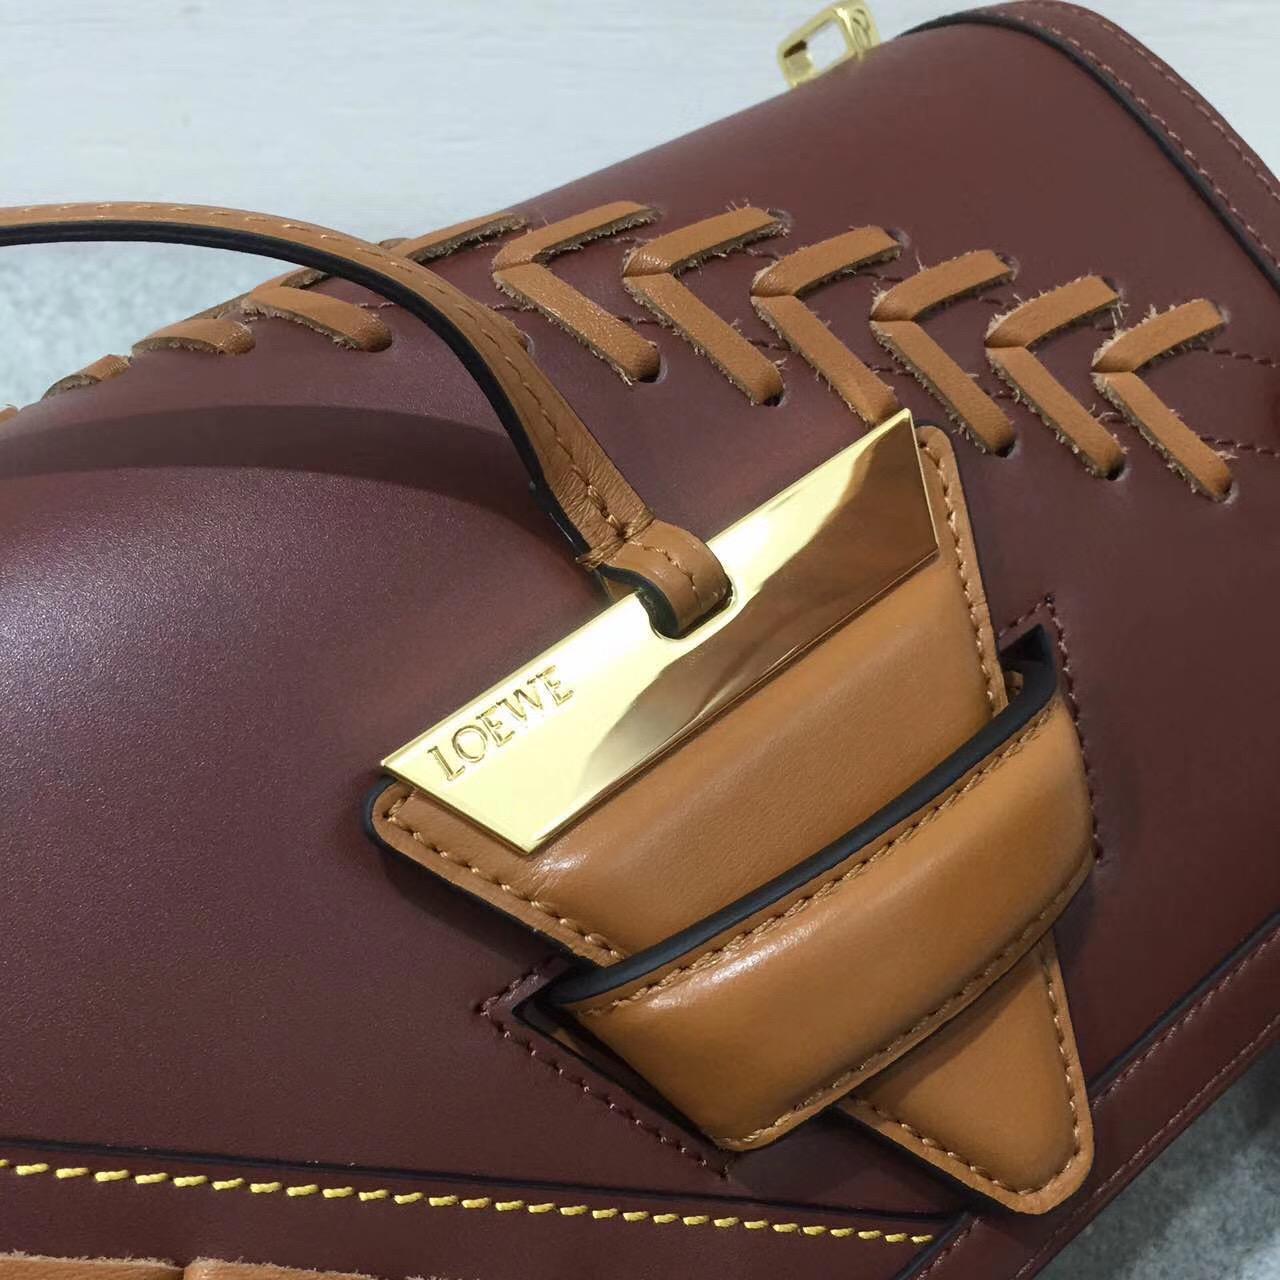 羅意威巴塞羅那包三角形包袋 Barcelona Laced Bag 小牛皮棕色